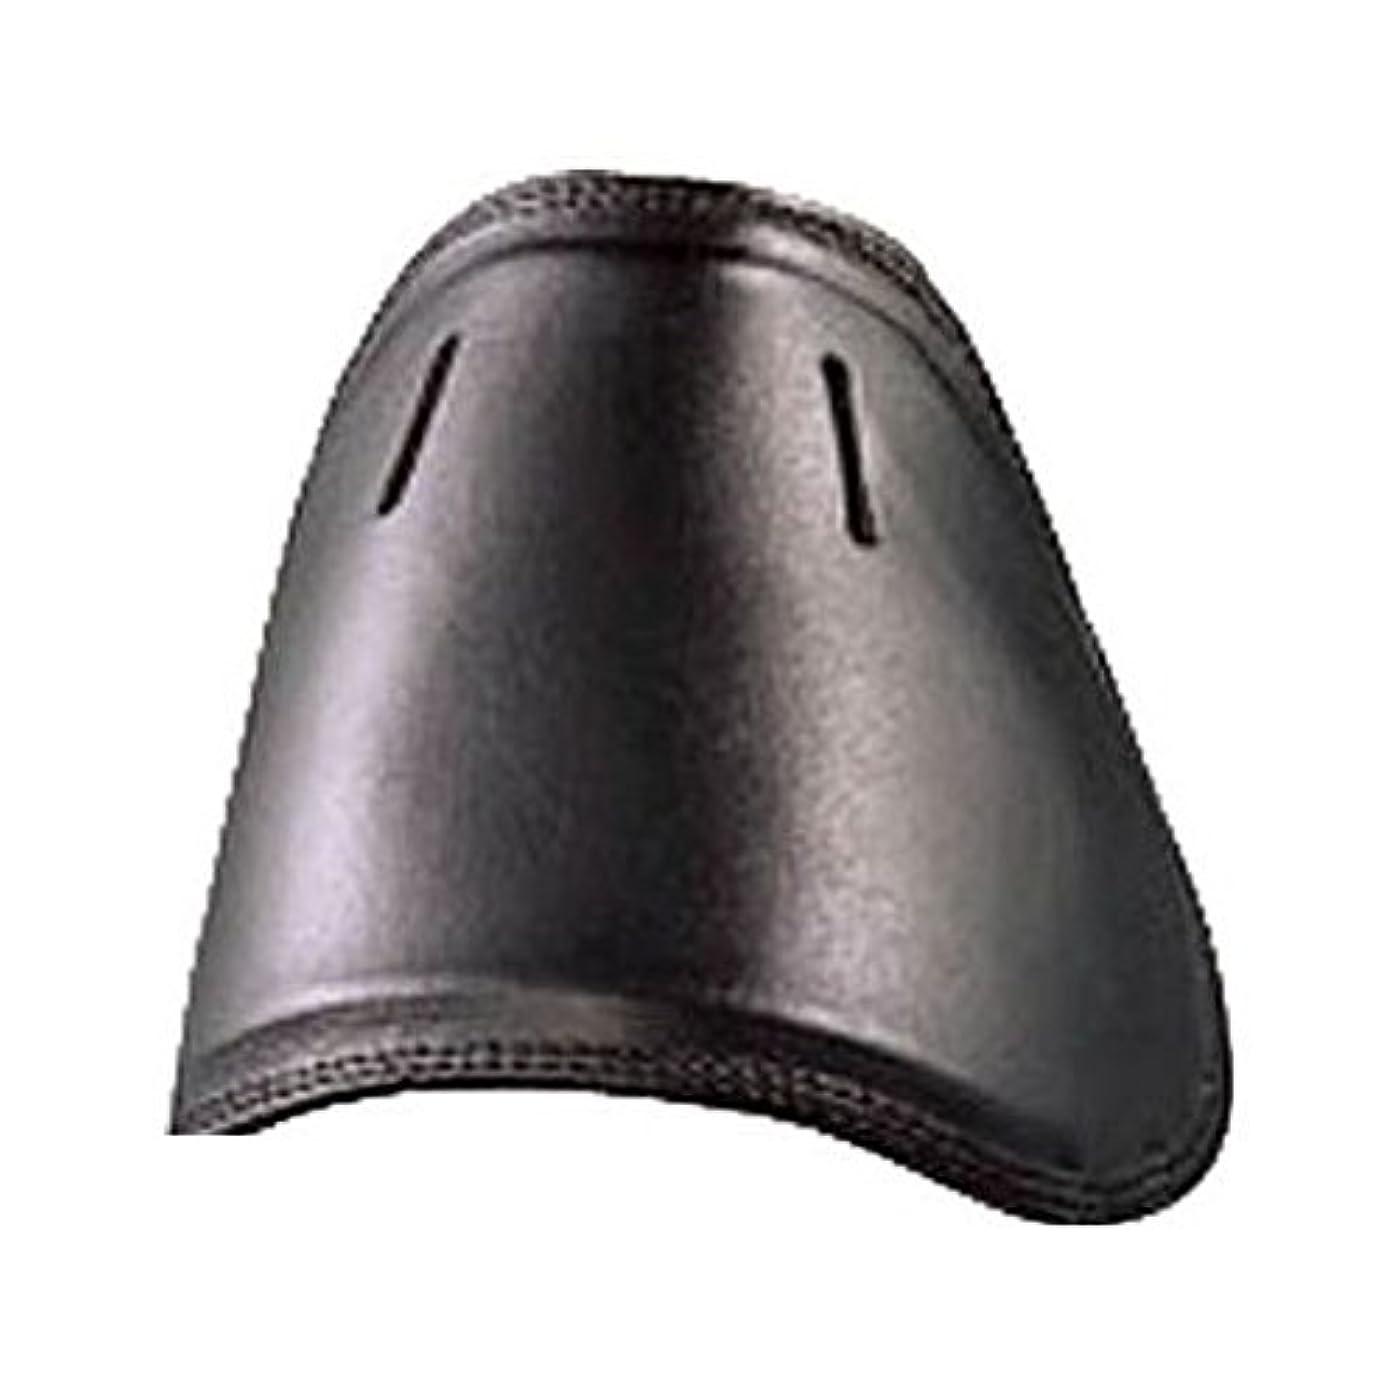 シンボル修正する神話GN77451 安全靴用甲プロテクター B1MAX Lサイズ